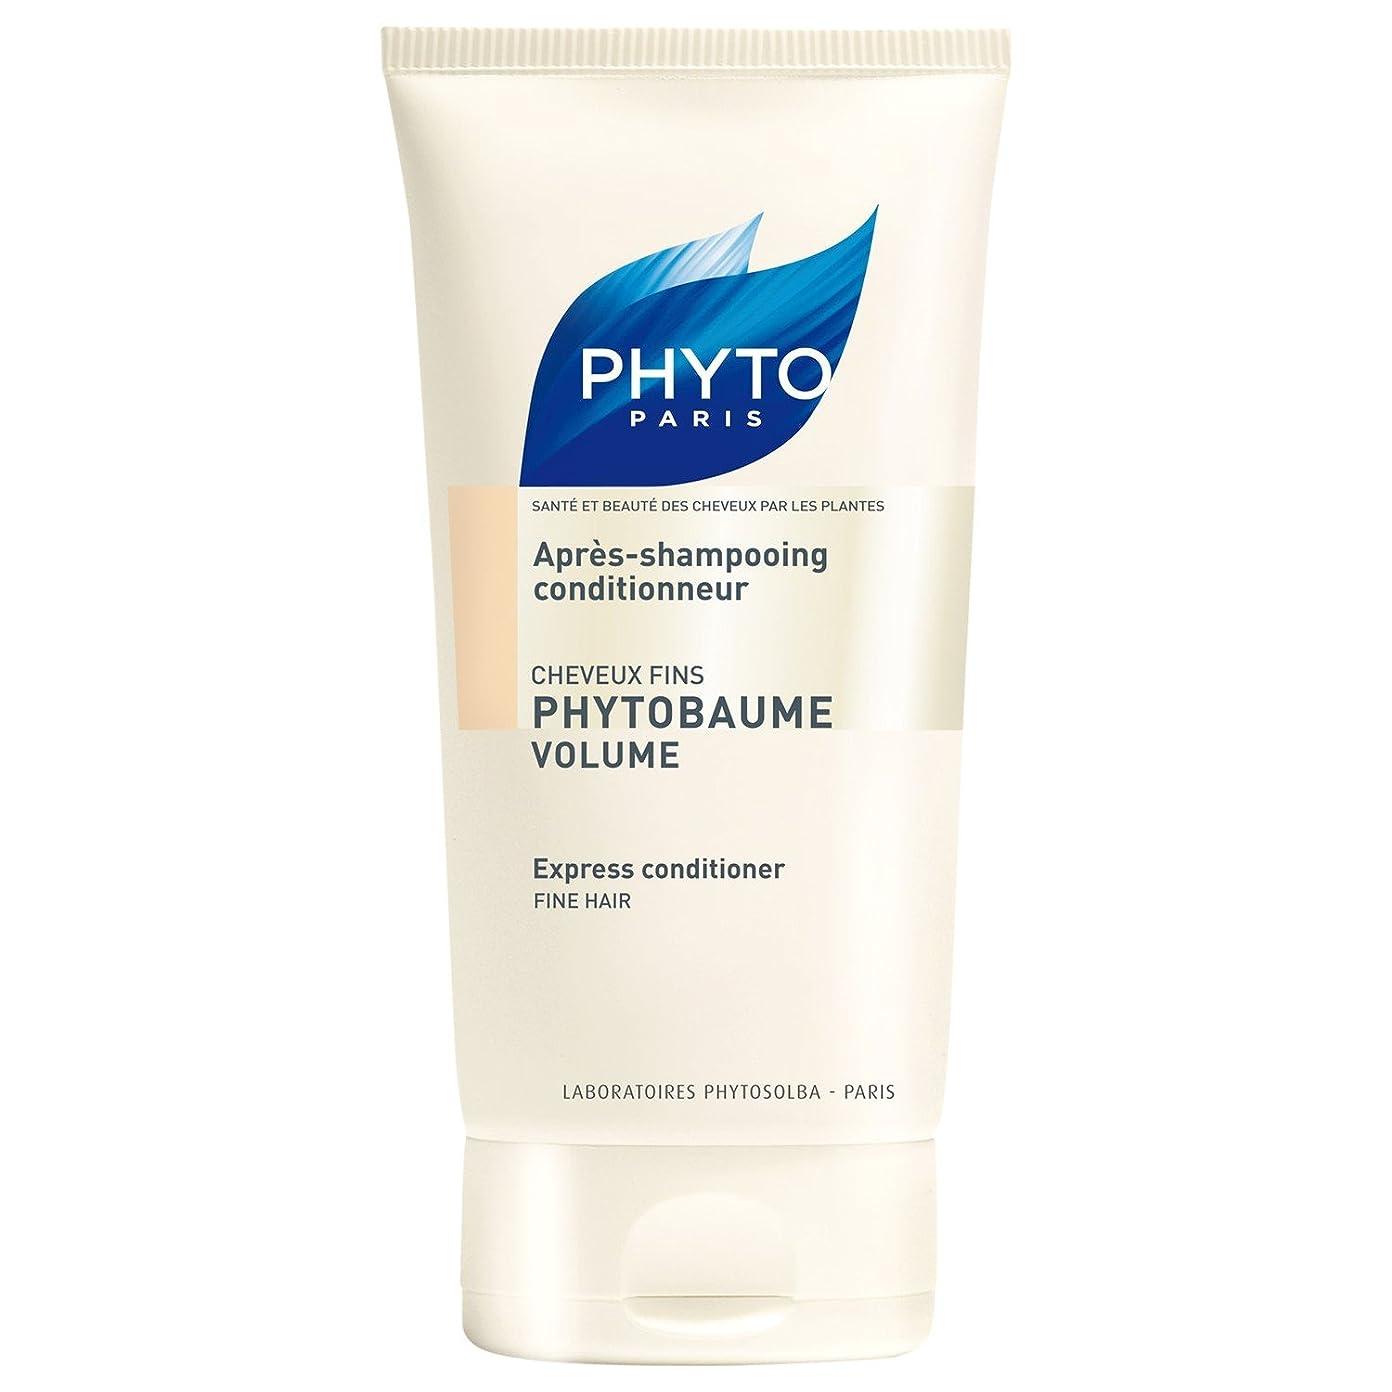 スツールアジア時々時々細い髪の150ミリリットルのためのフィトPhytobaumeボリュームエクスプレスコンディショナー (Phyto) - Phyto Phytobaume Volume Express Conditioner for Fine Hair 150ml [並行輸入品]